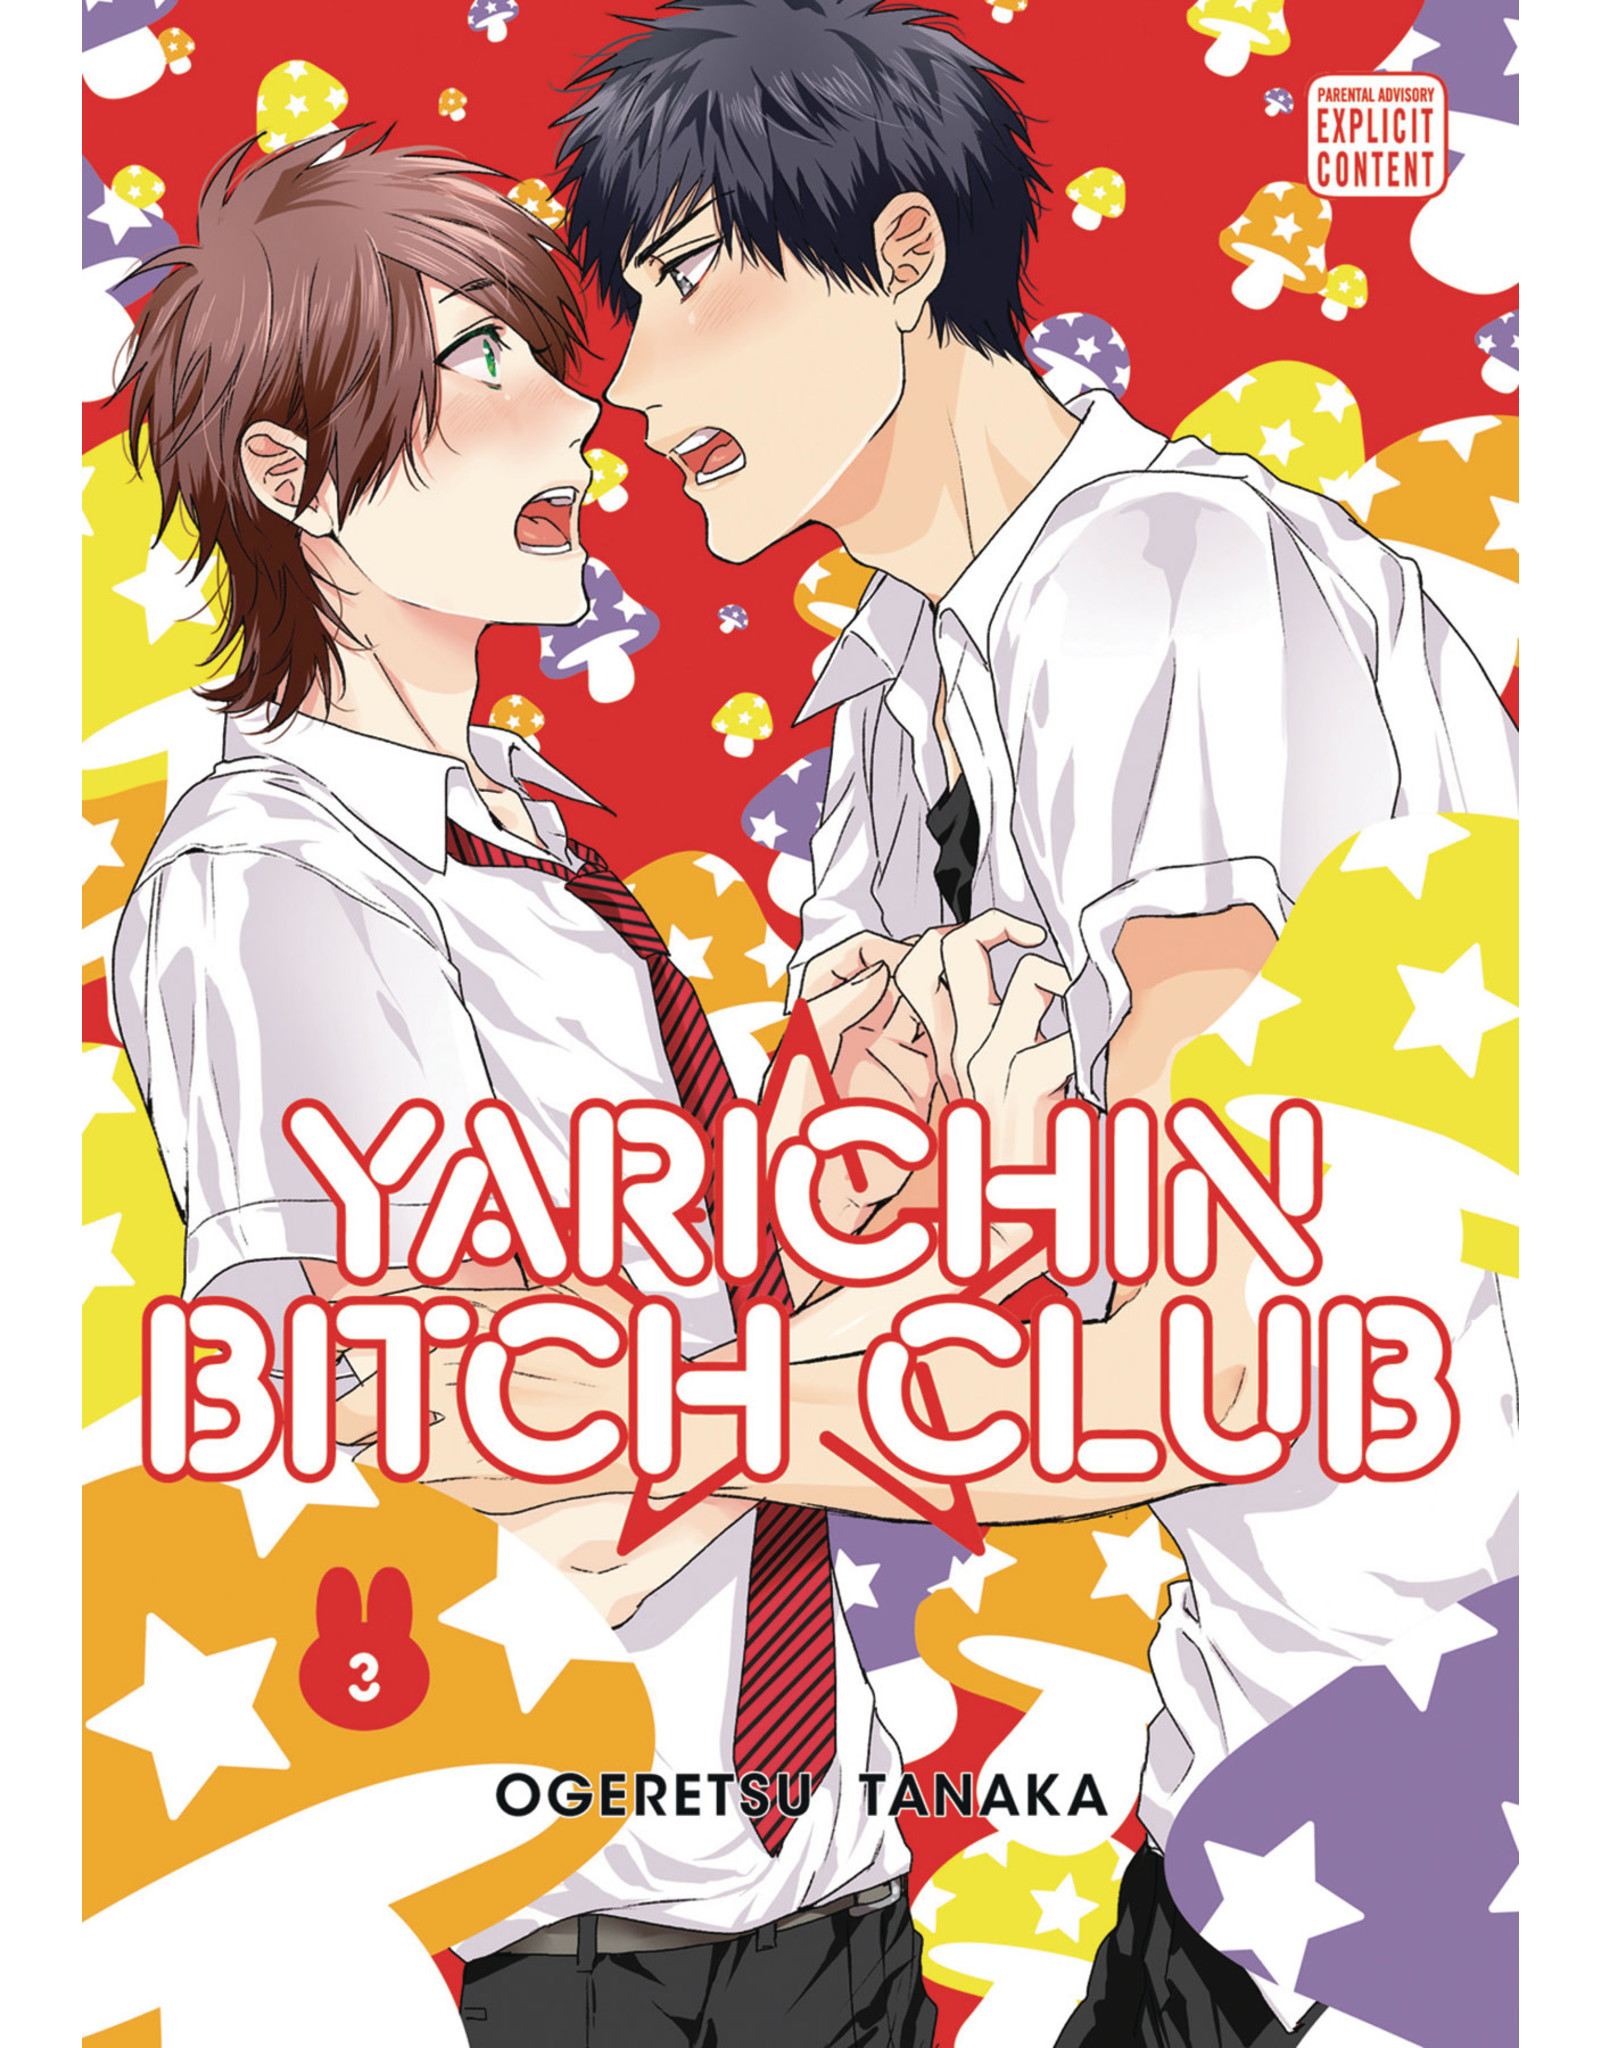 Yarichin Bitch Club 3 (English) - Manga